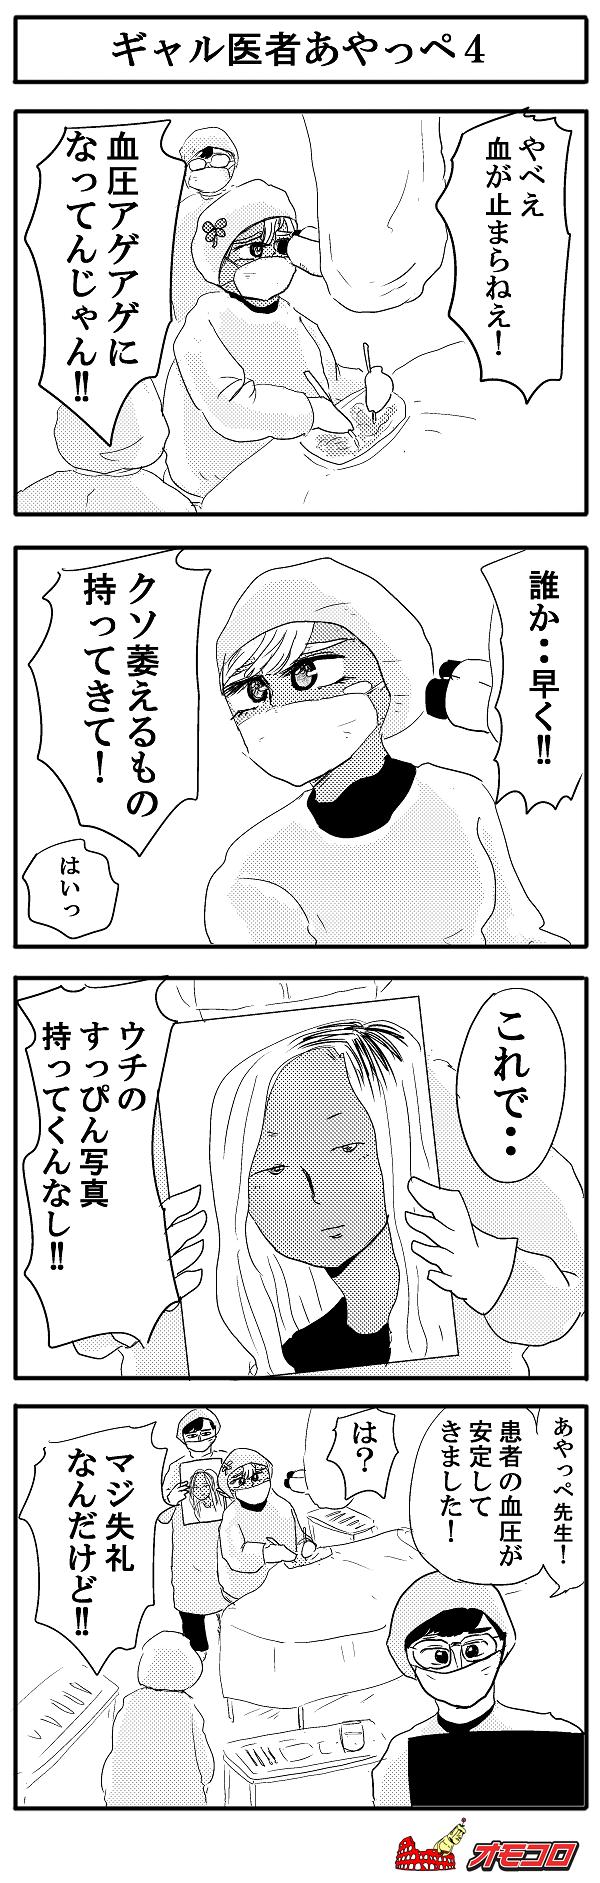 ギャル 医者